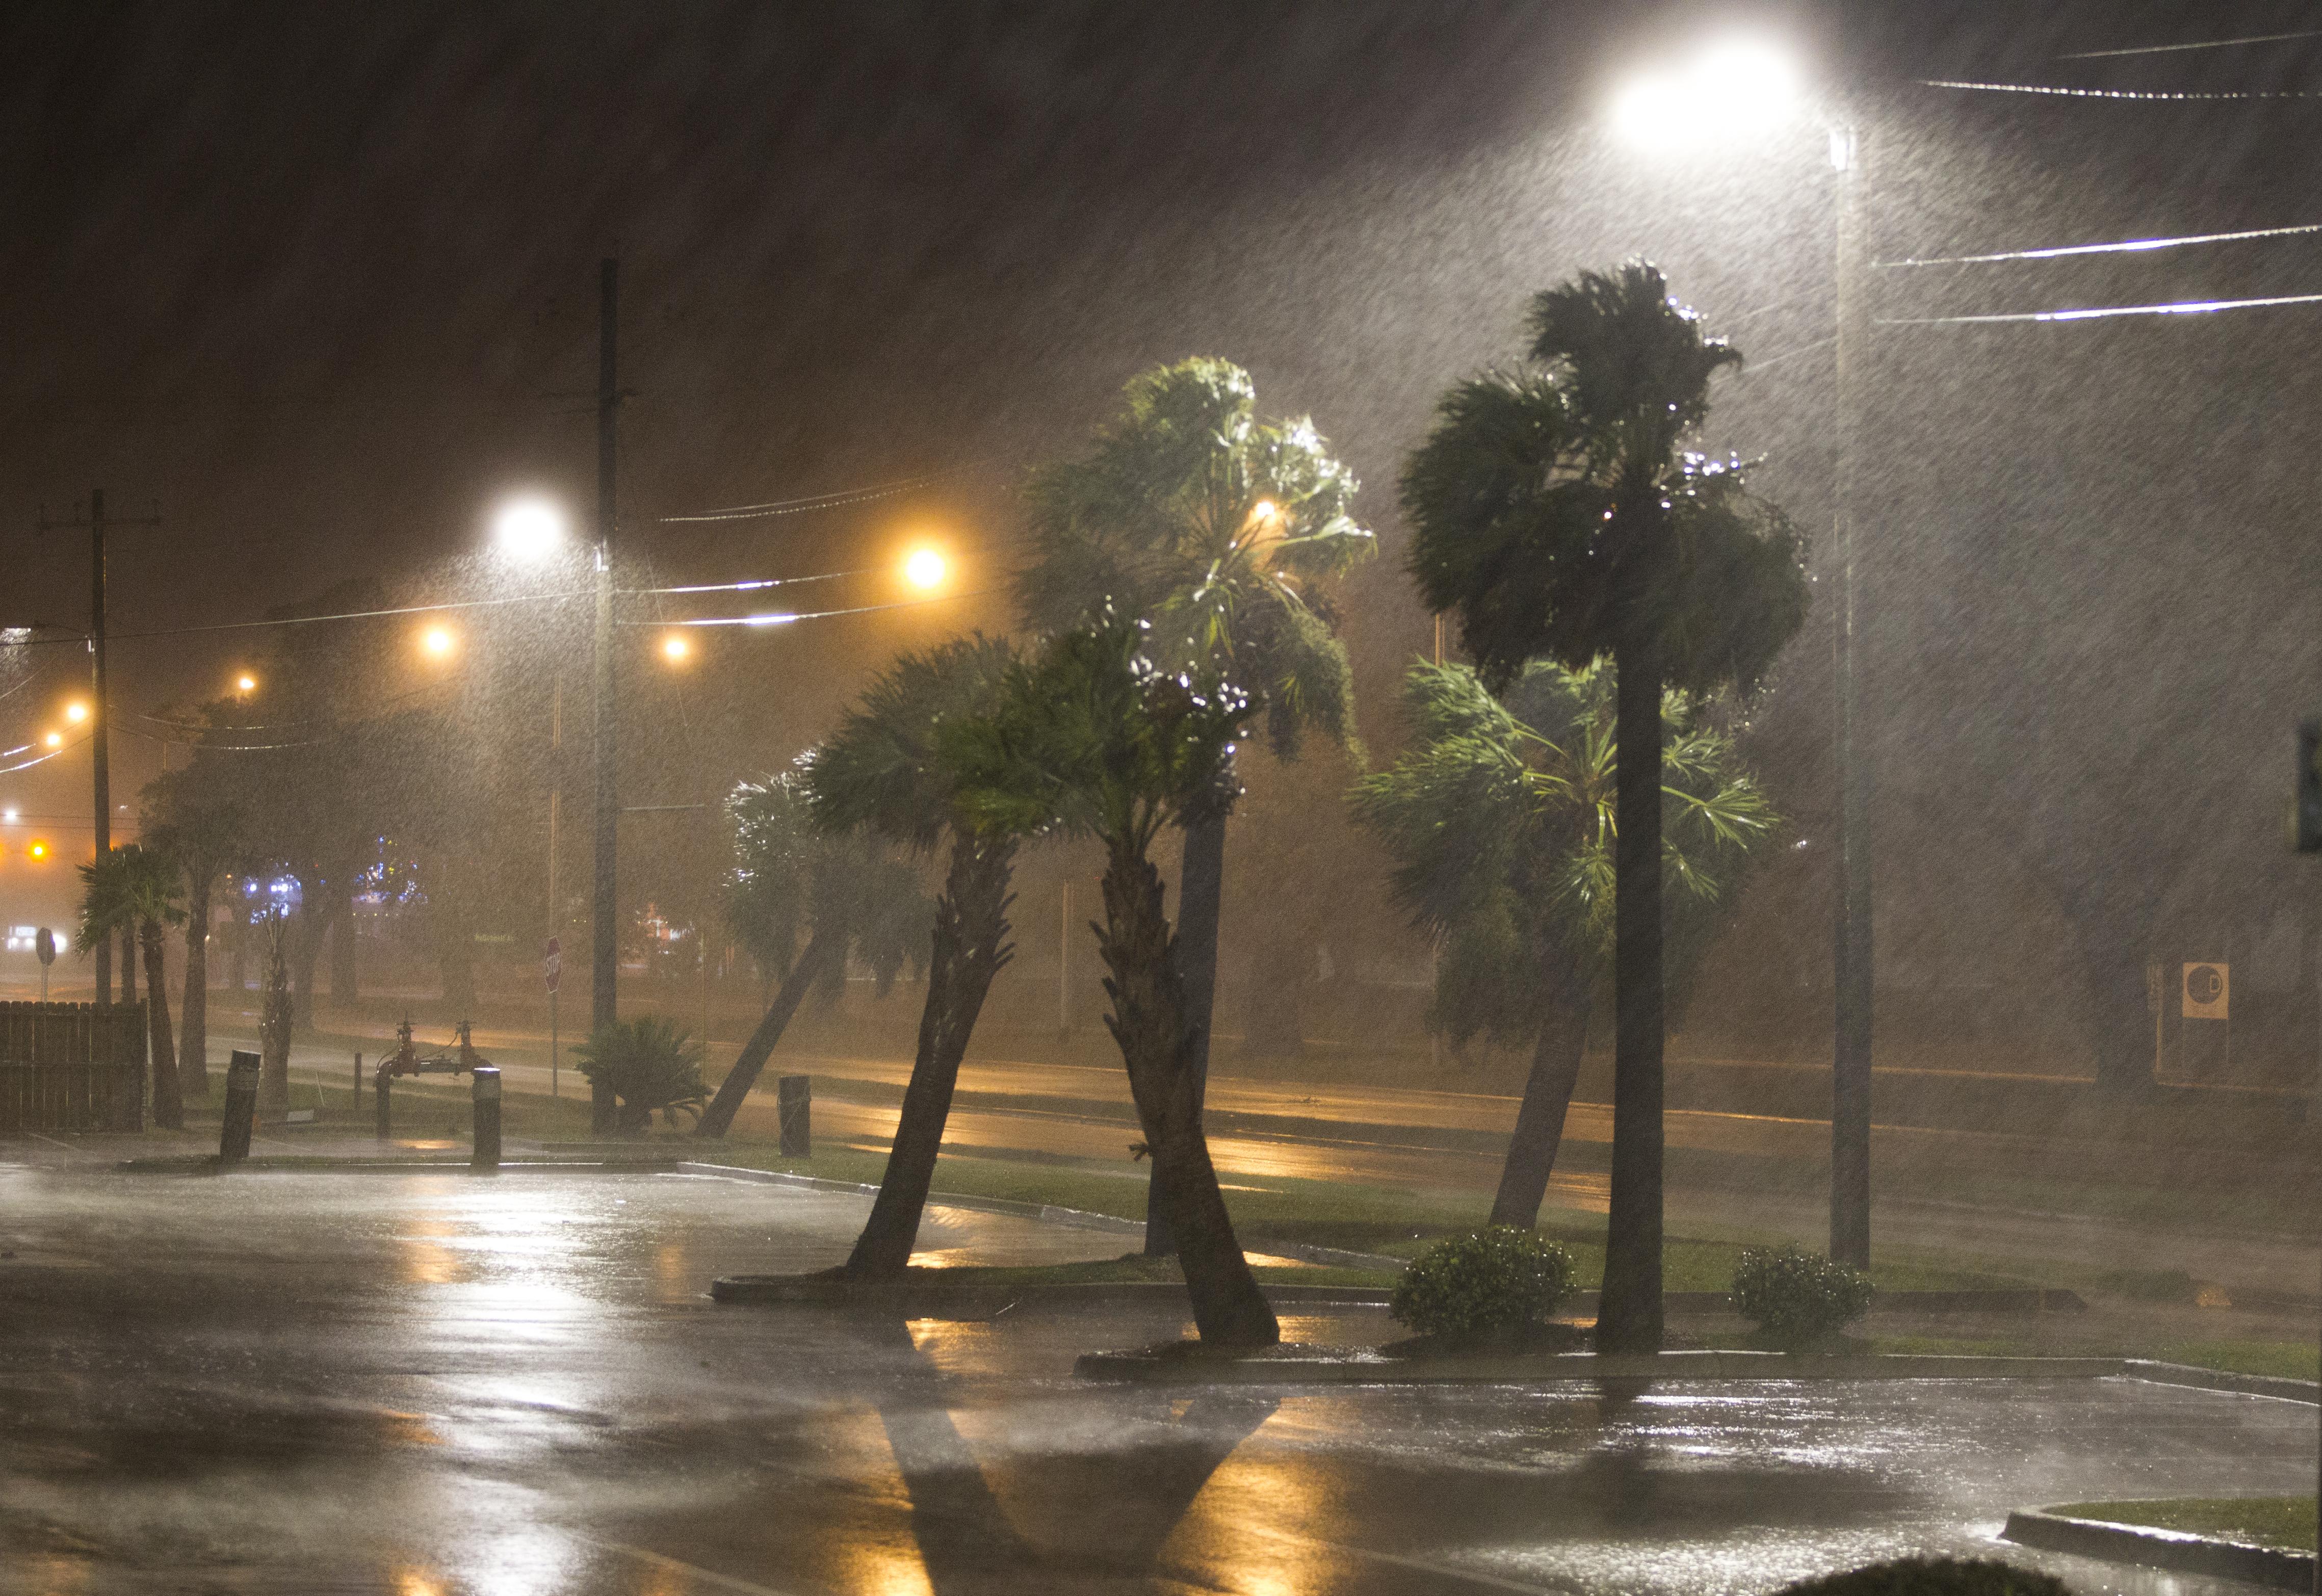 الأمطار والرياح القوية عصفت بولاية مسيسيبي يومي السبت والأحد